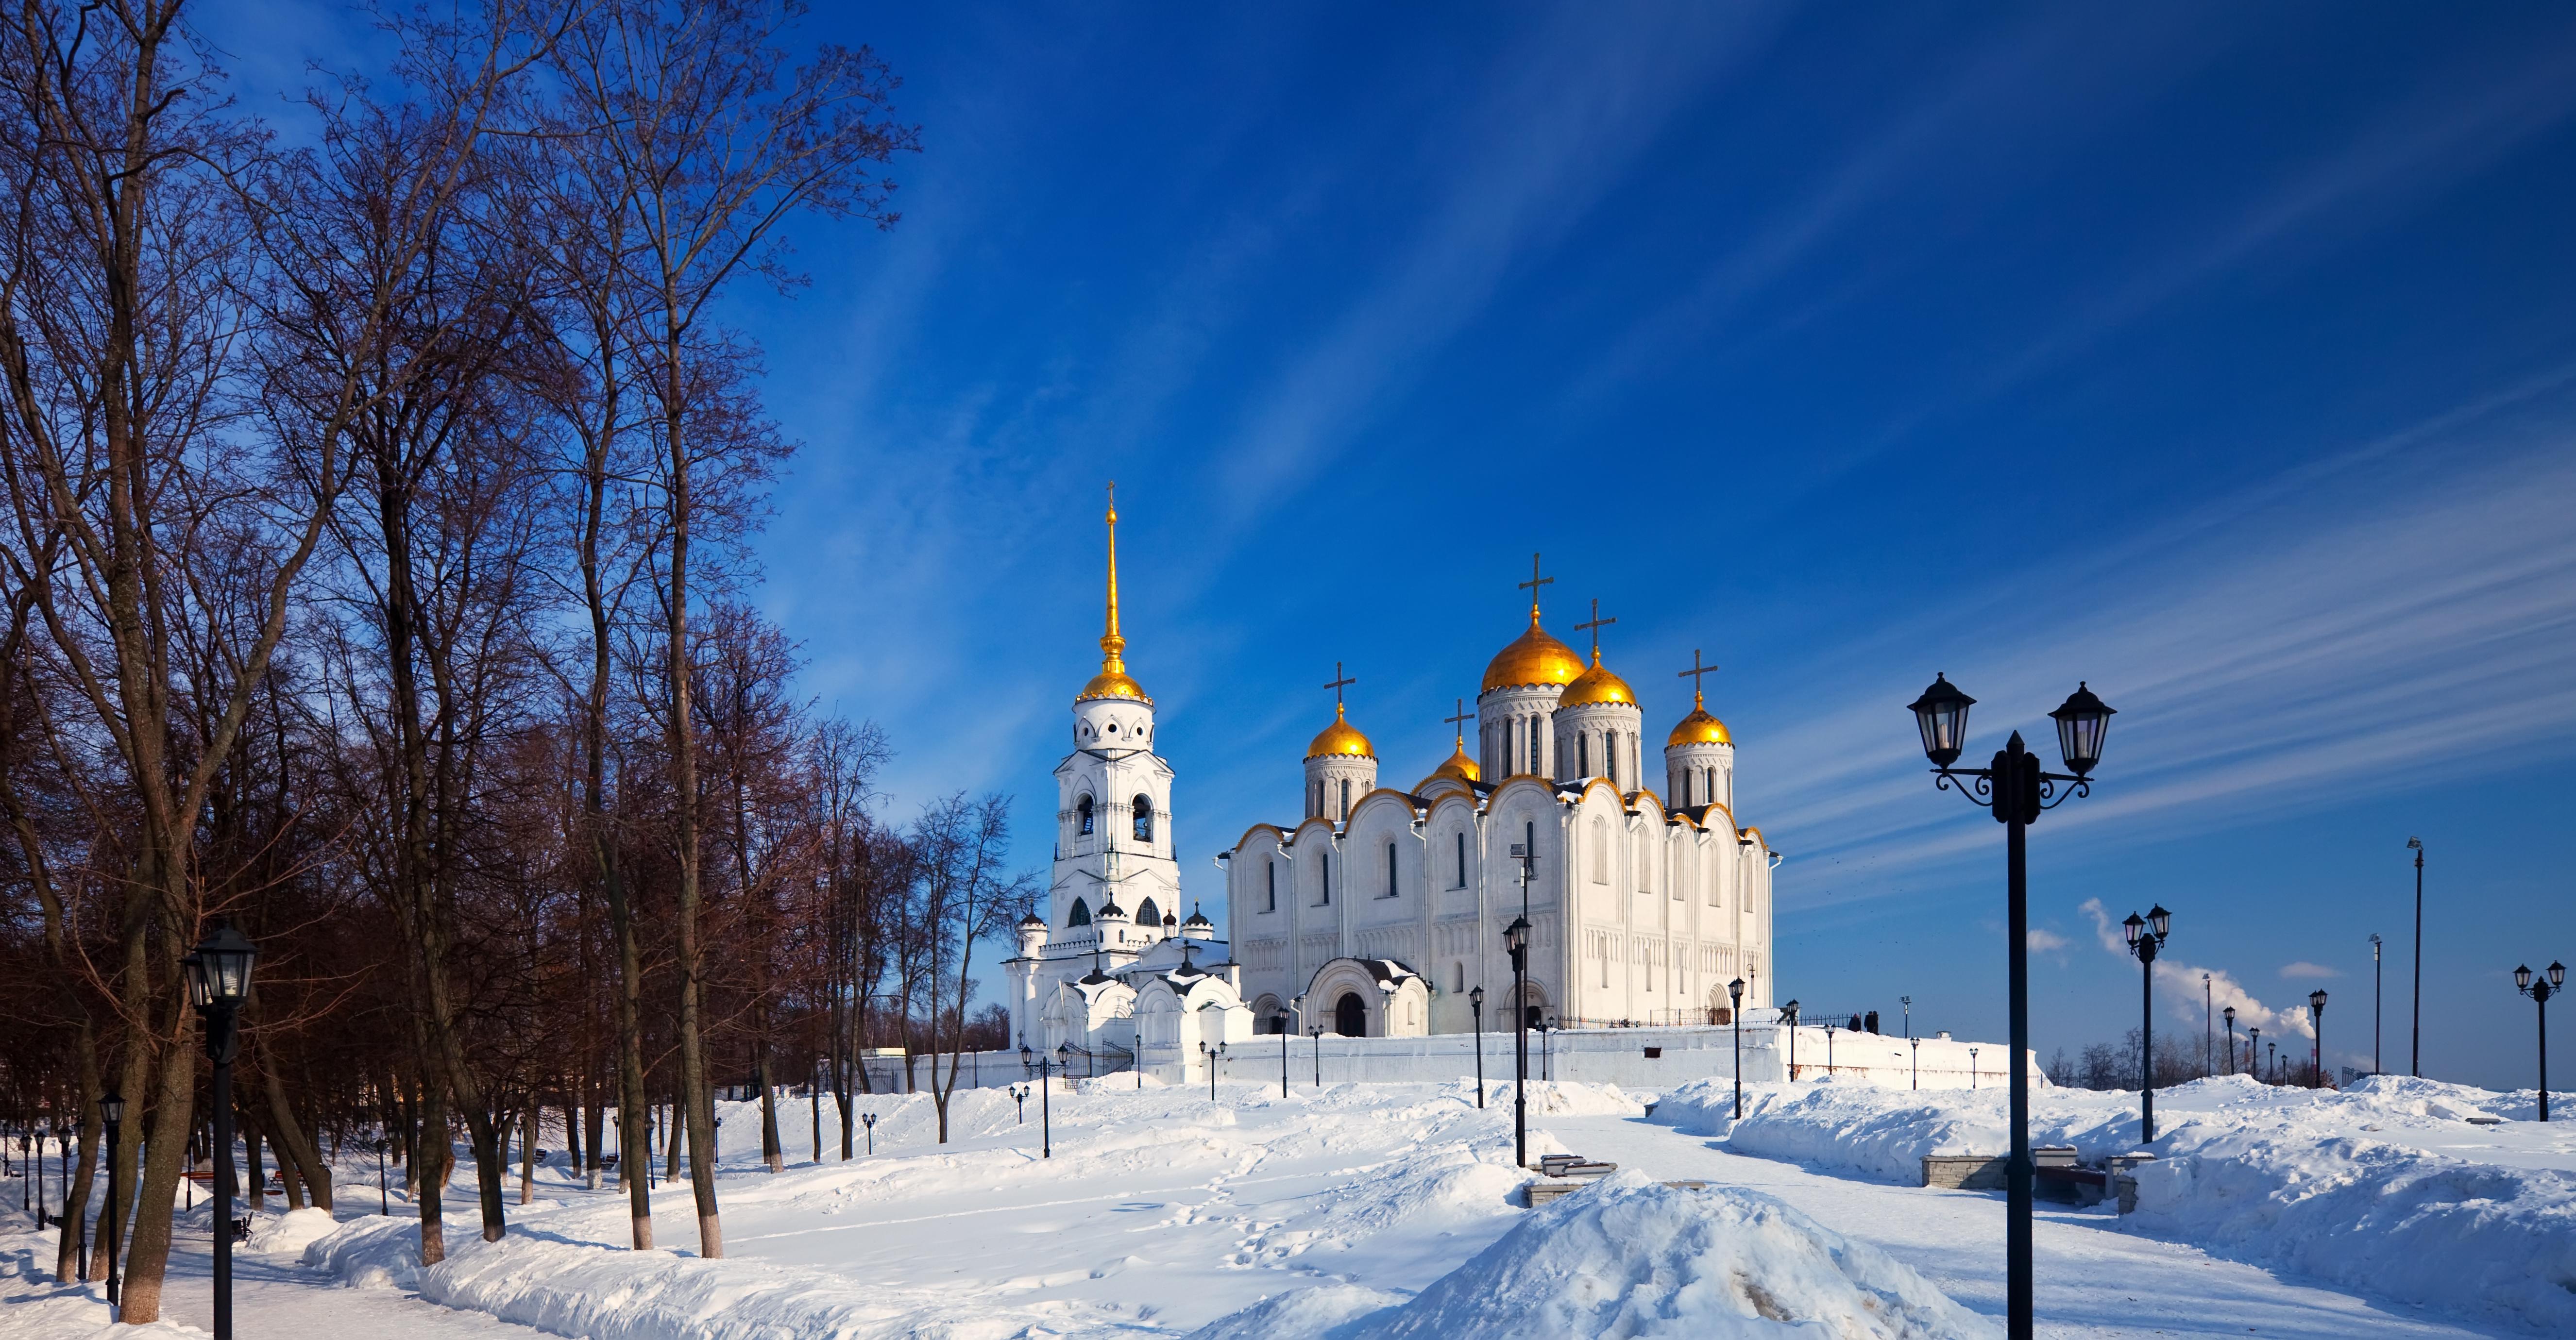 visiter l'anneau d'or en hiver russe